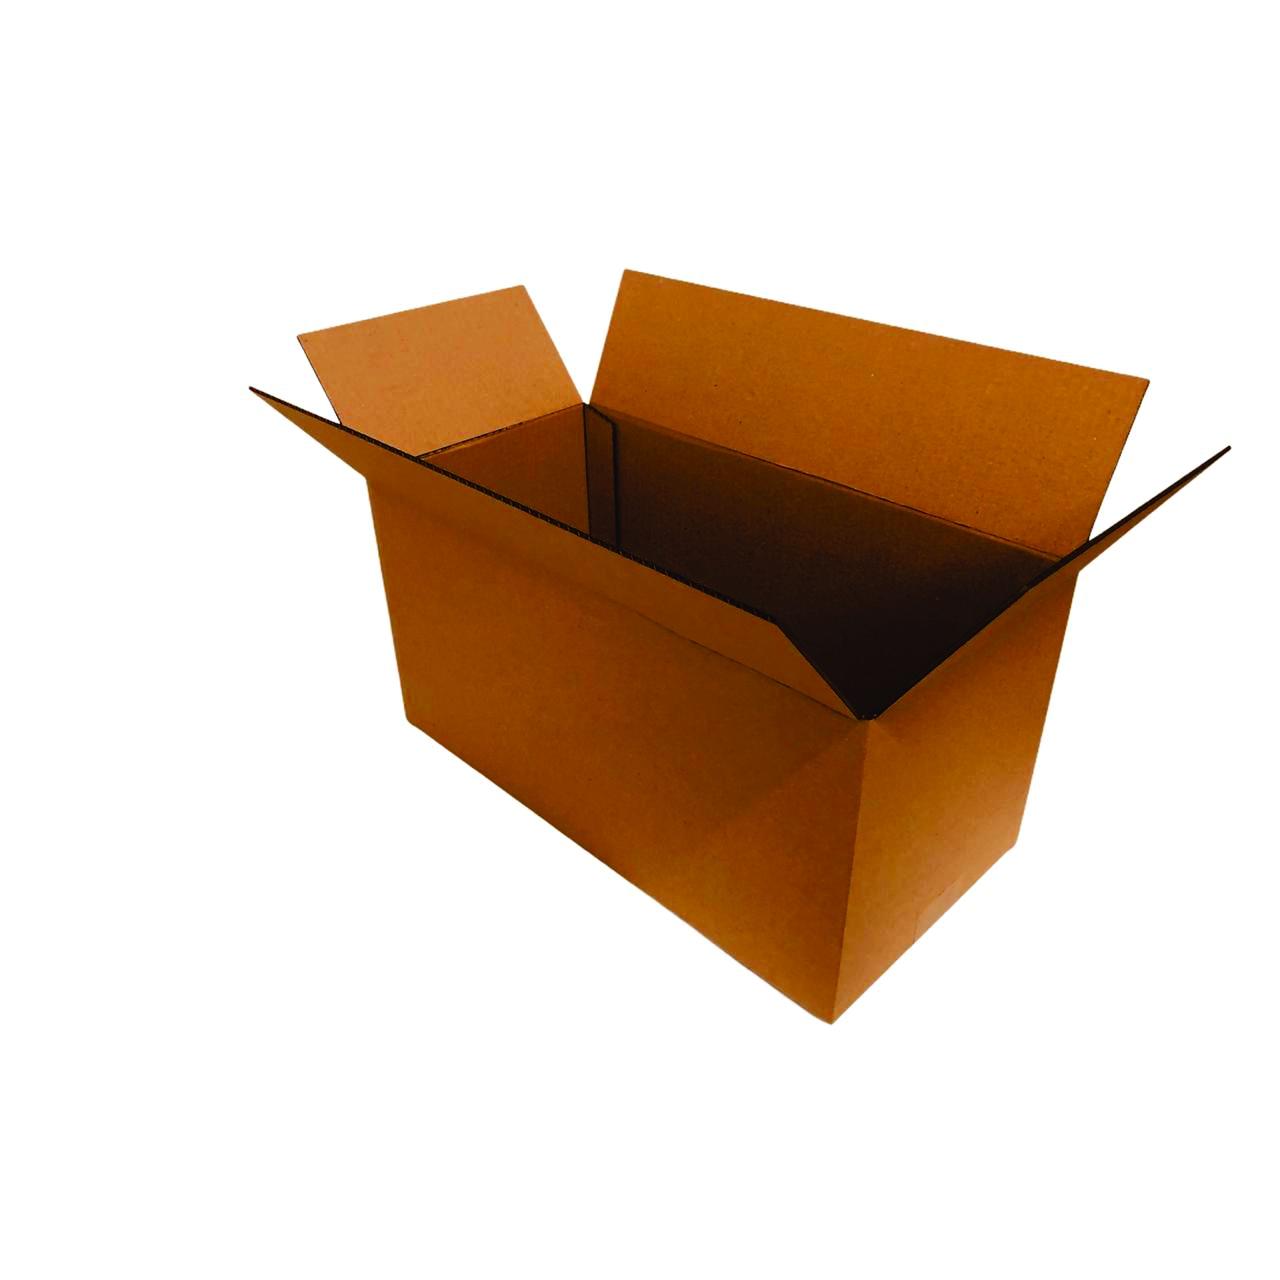 10 Caixas de Papelao (40X20X20)cm - Sedex / Pac / Correios